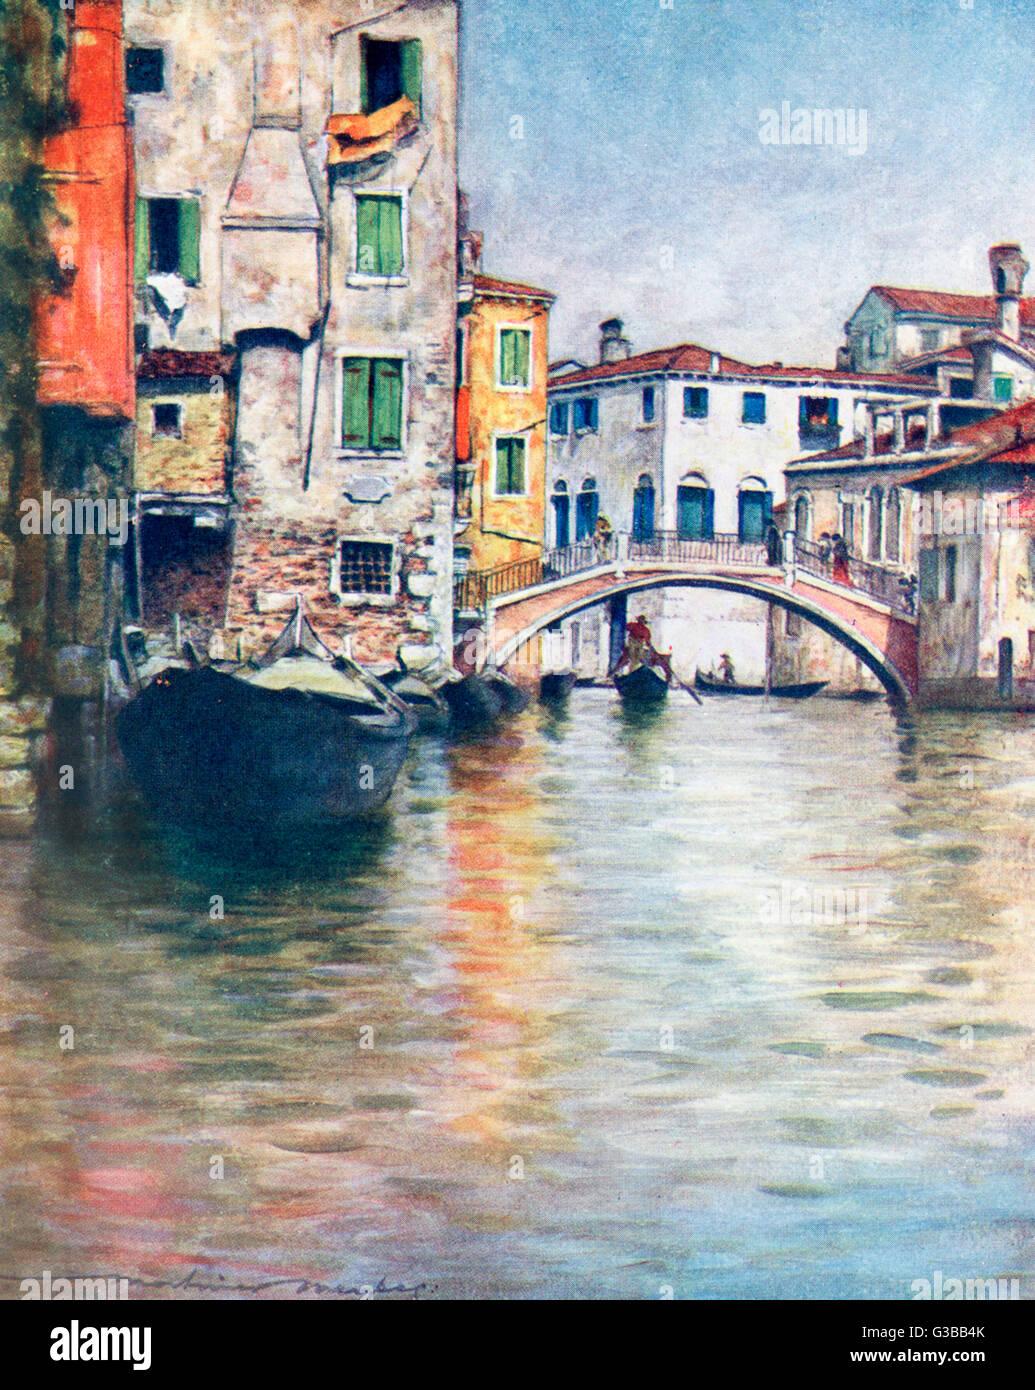 Brücke über einen venezianischen Kanal.         Datum: 1916 Stockbild